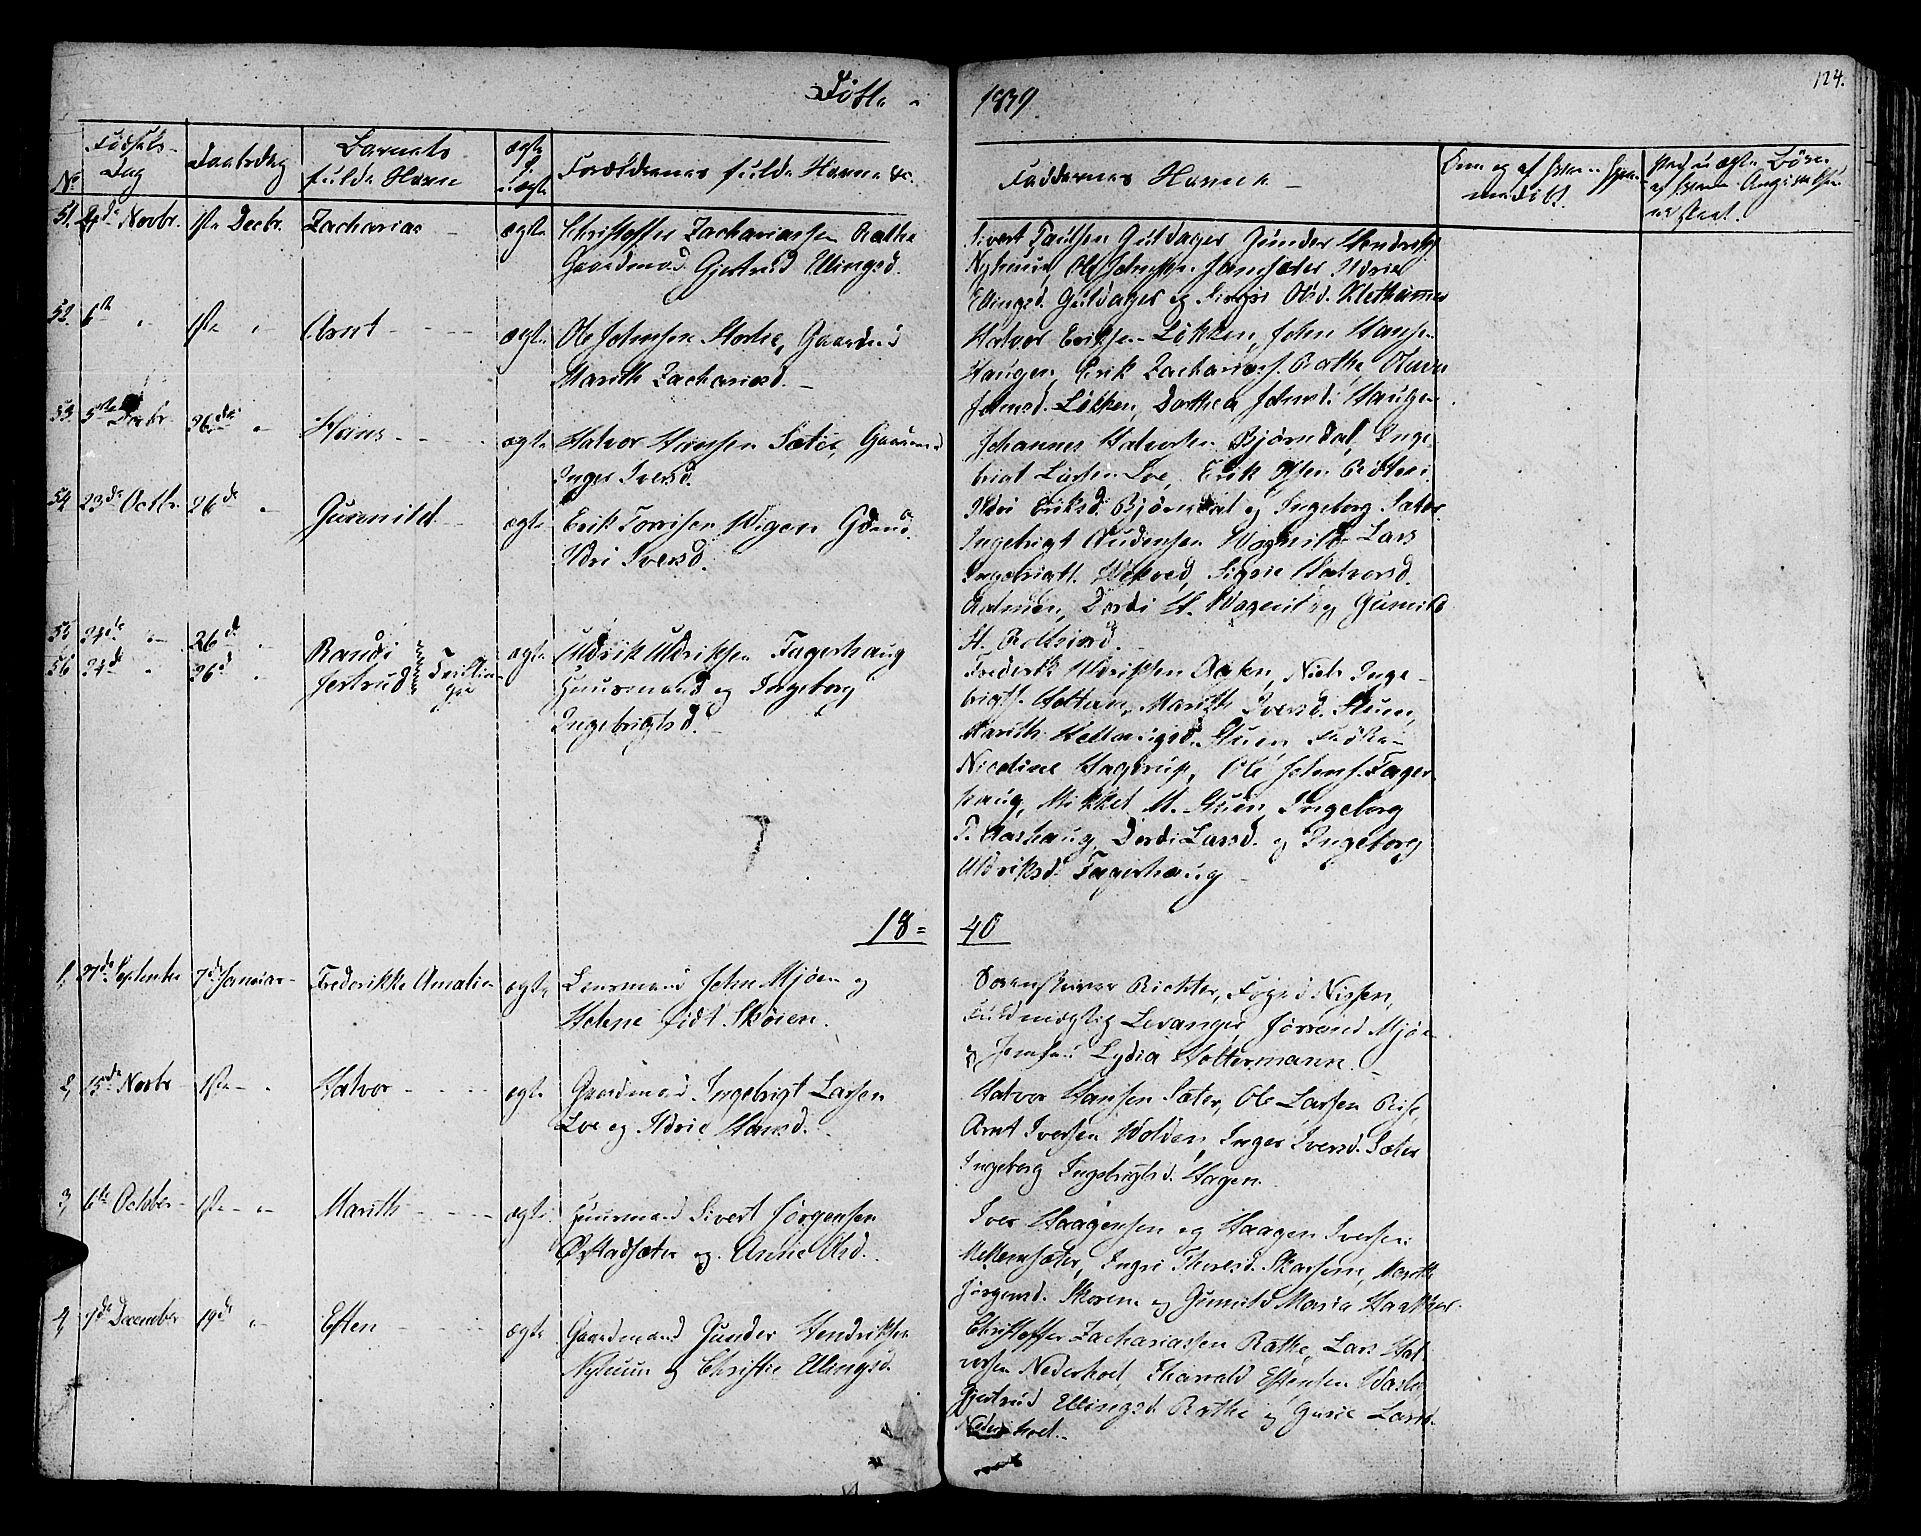 SAT, Ministerialprotokoller, klokkerbøker og fødselsregistre - Sør-Trøndelag, 678/L0897: Ministerialbok nr. 678A06-07, 1821-1847, s. 124